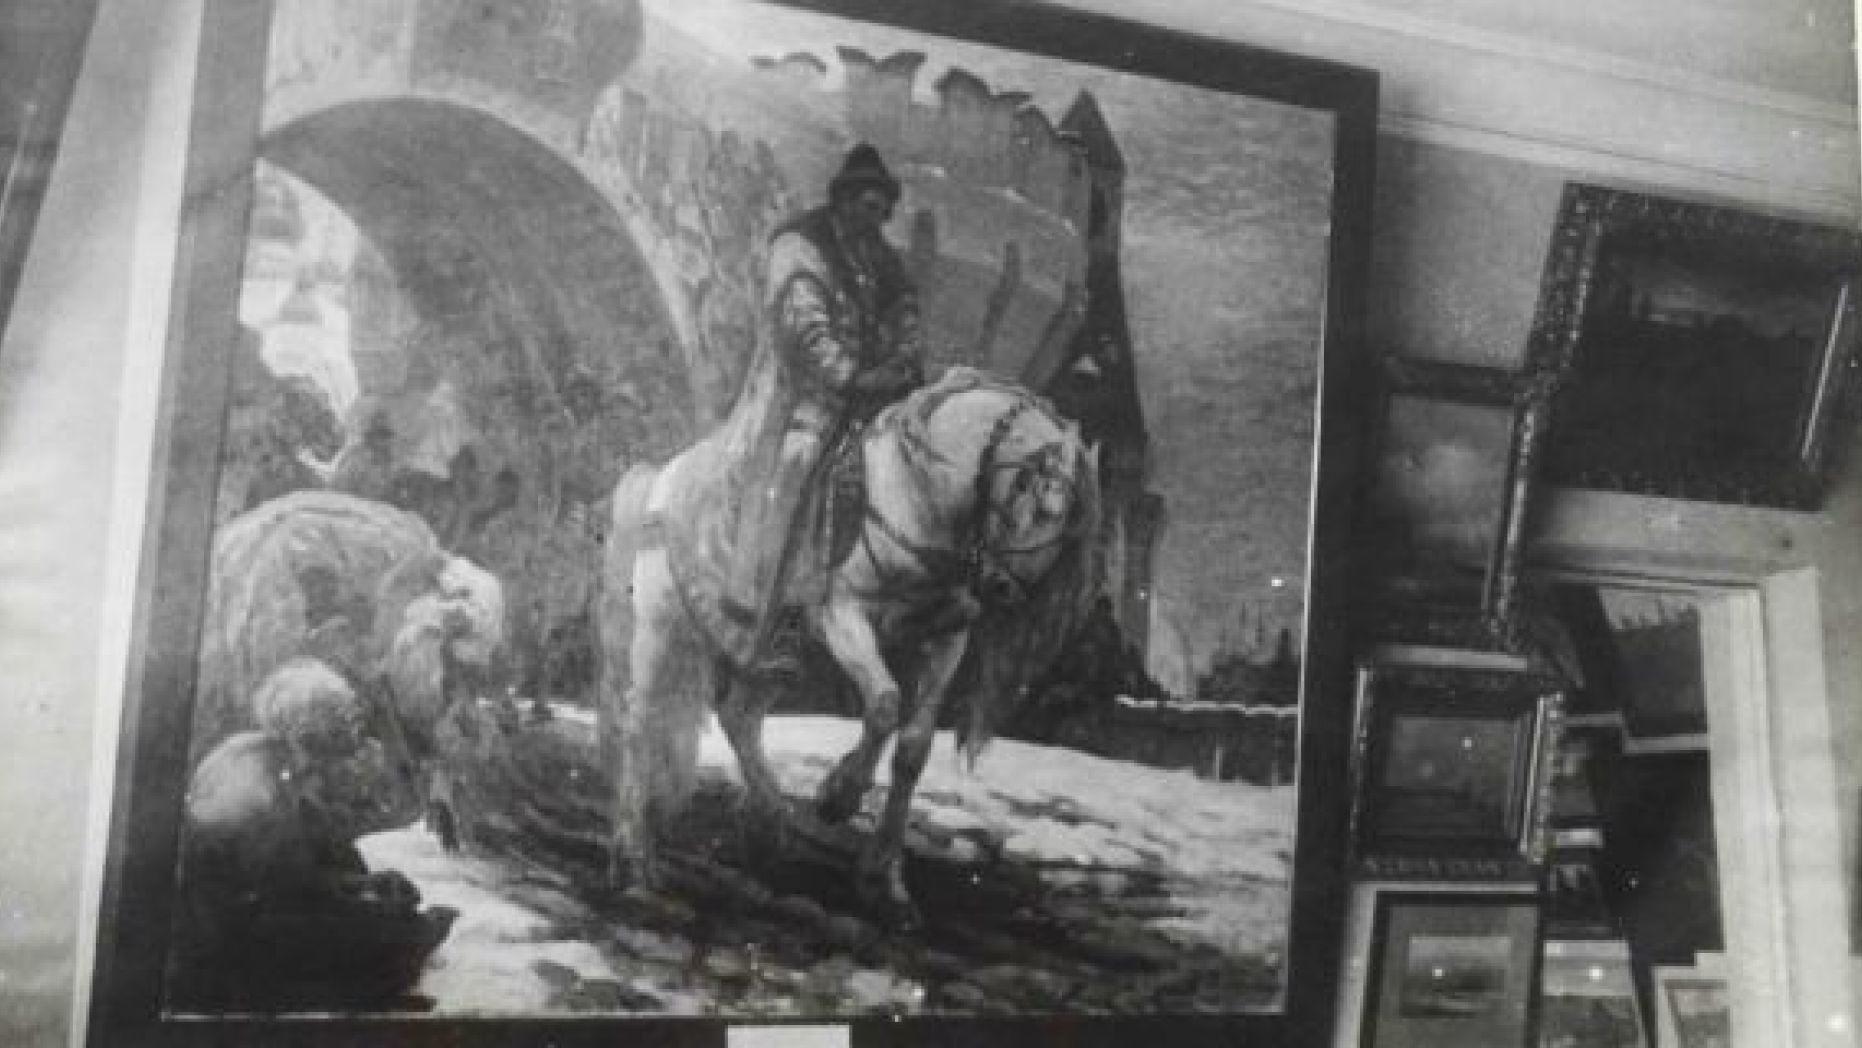 Ukraine Recovers Painting Stolen During World War II